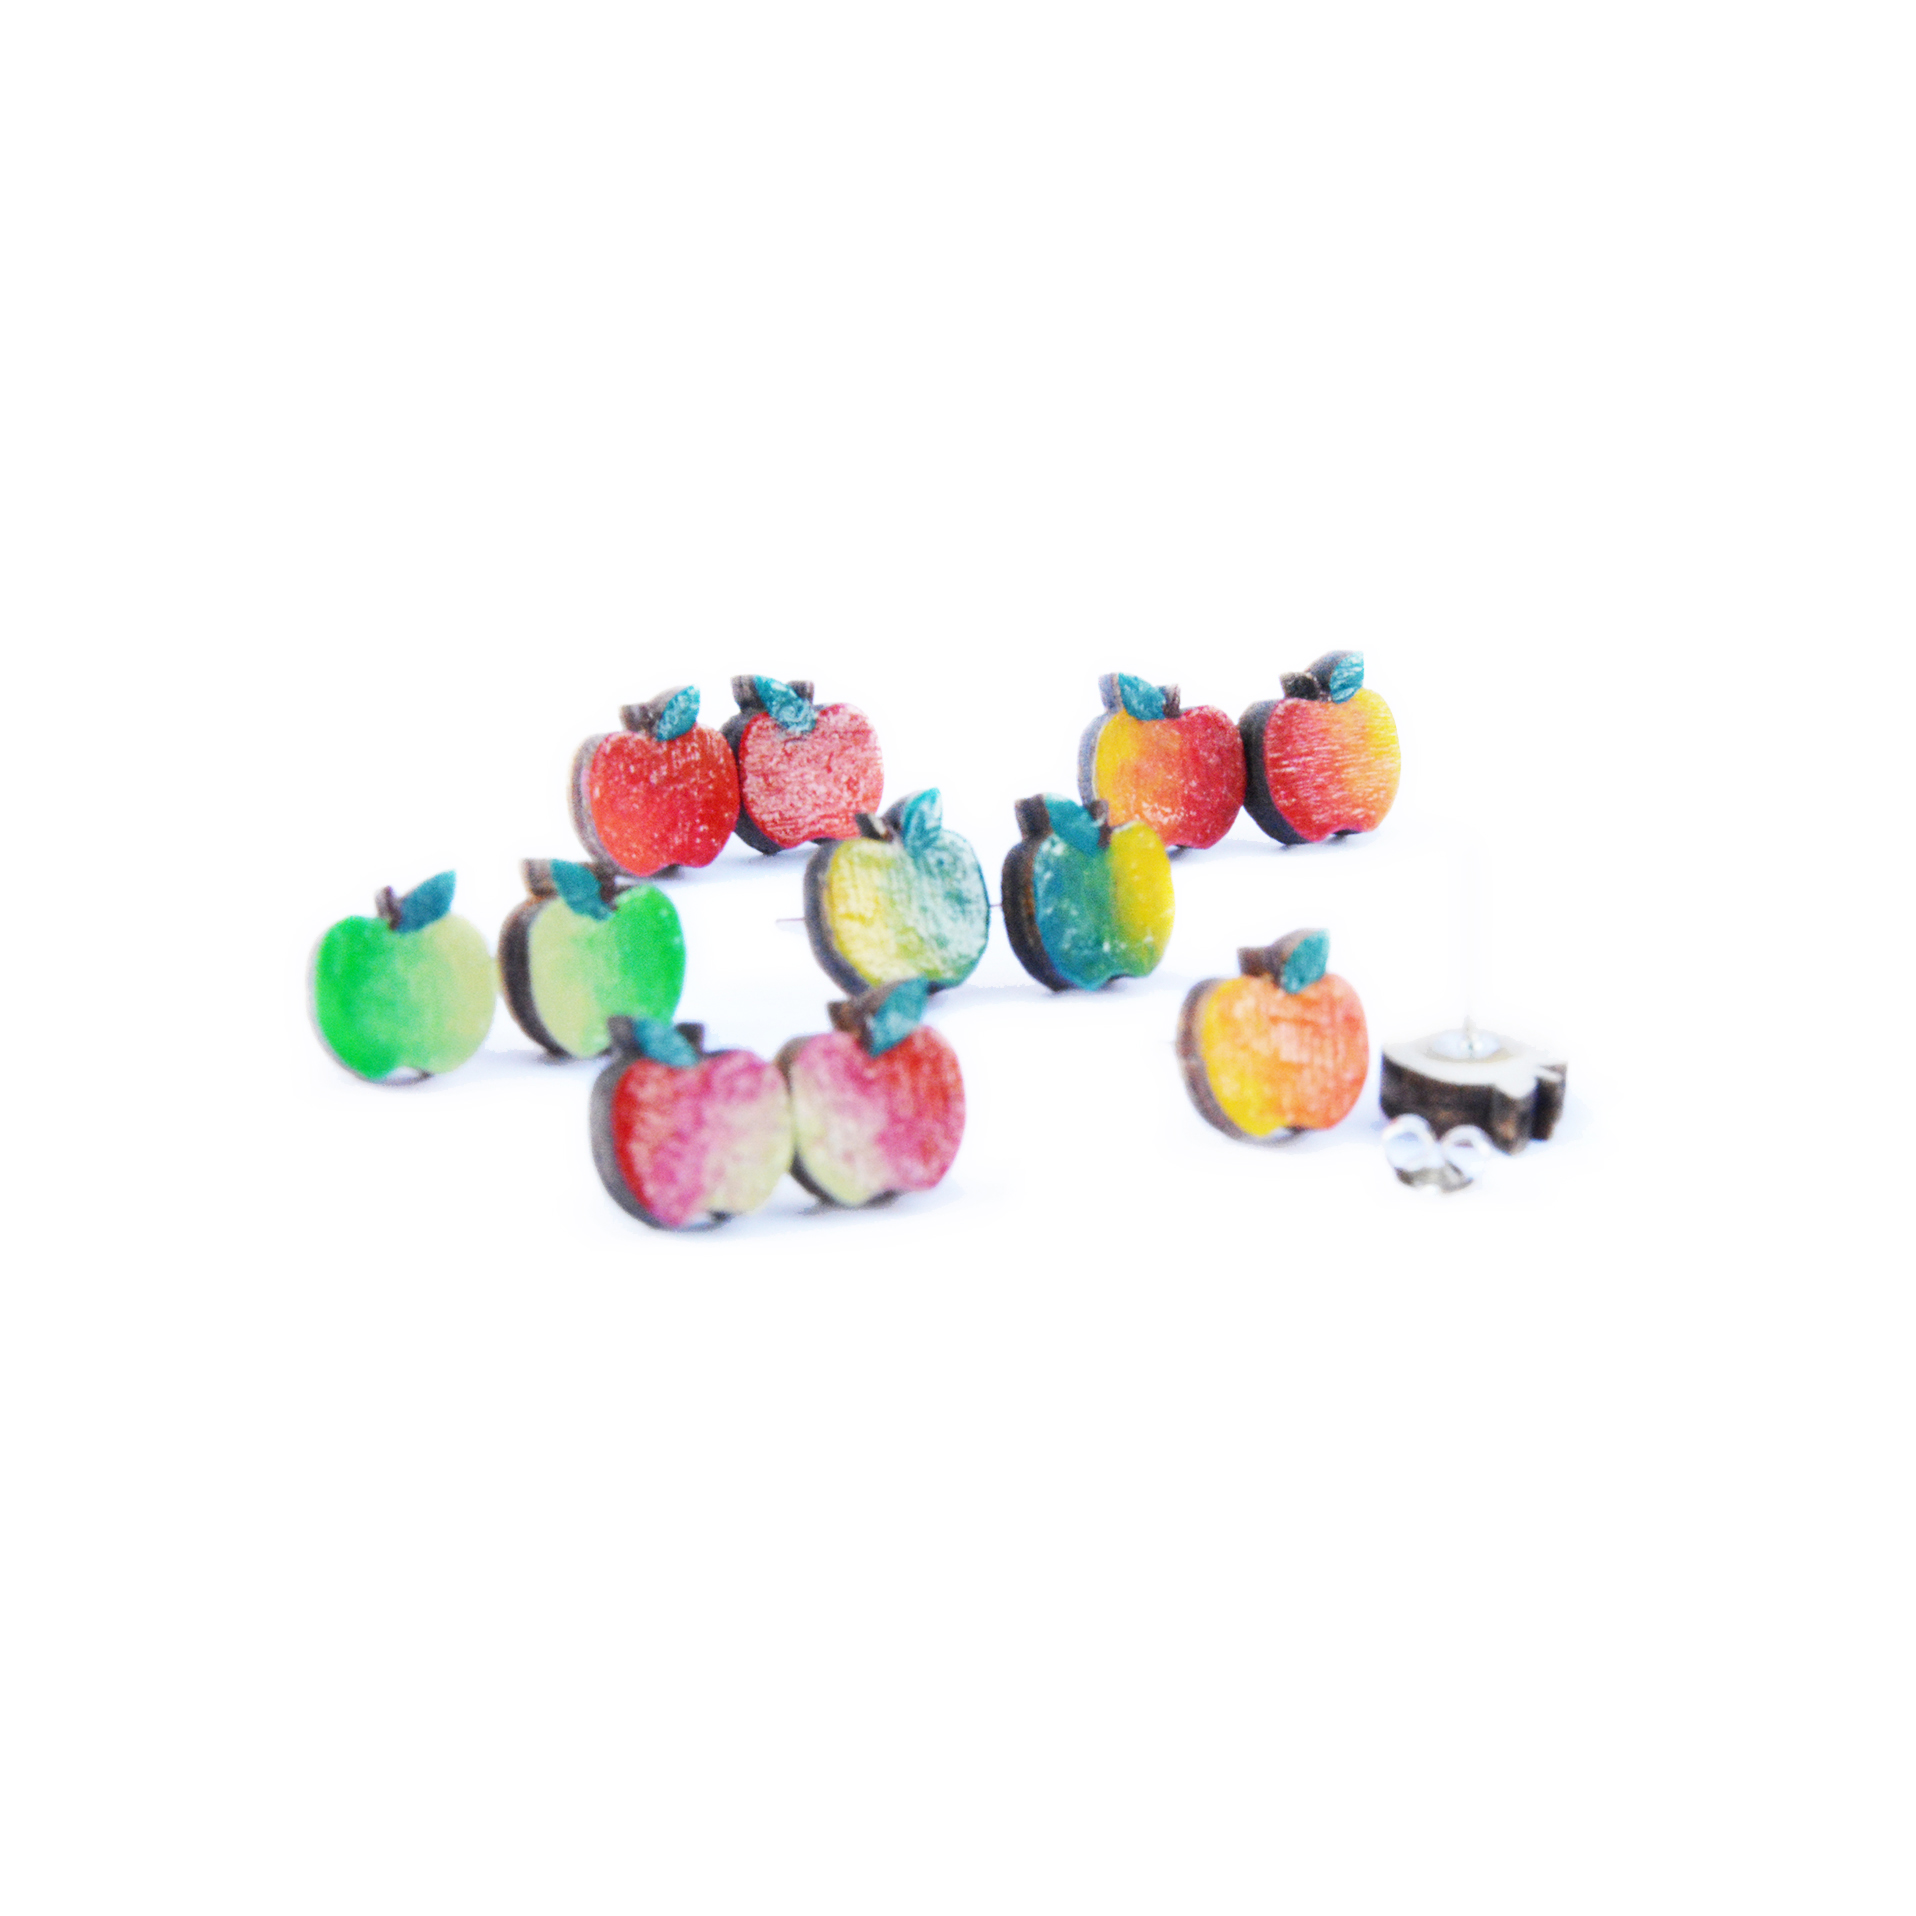 Tutti frutti jabolčka